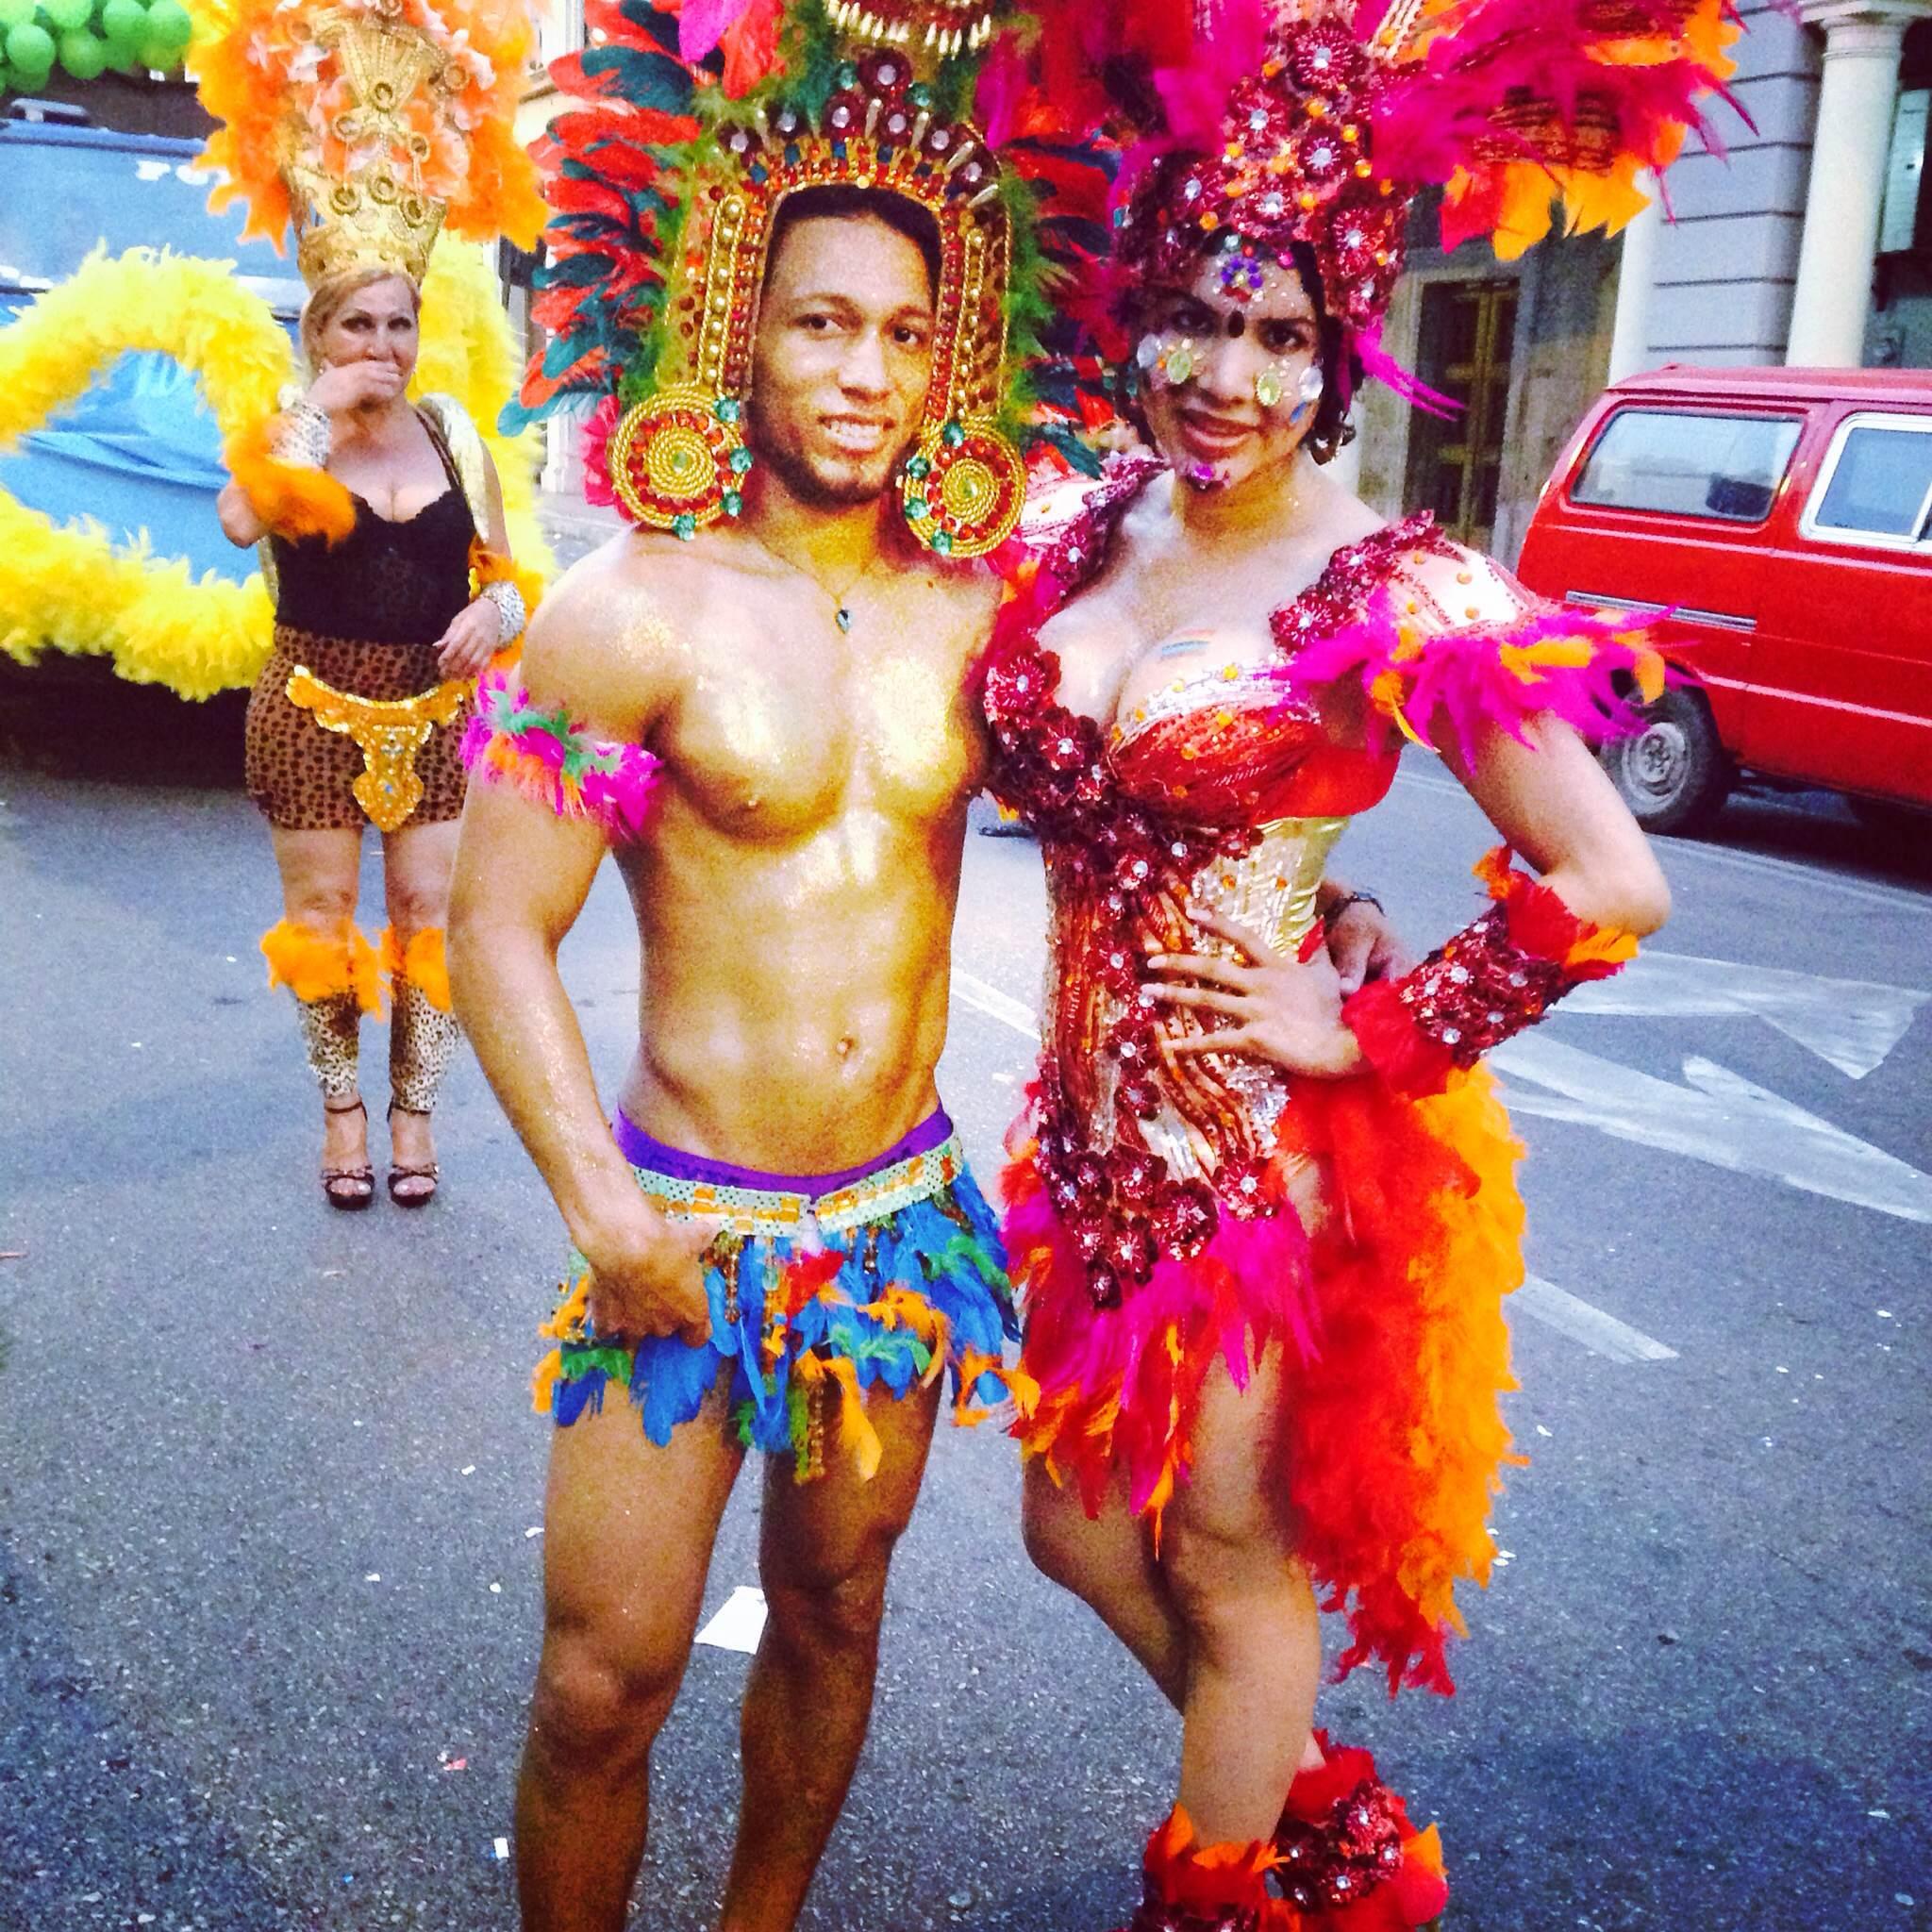 Orgullo y diversidad sexual 2014 - orgullo glbti - orgullo gay guayaquil - asociación silueta x con Diane Marie Rodríguez Zambrano (11)